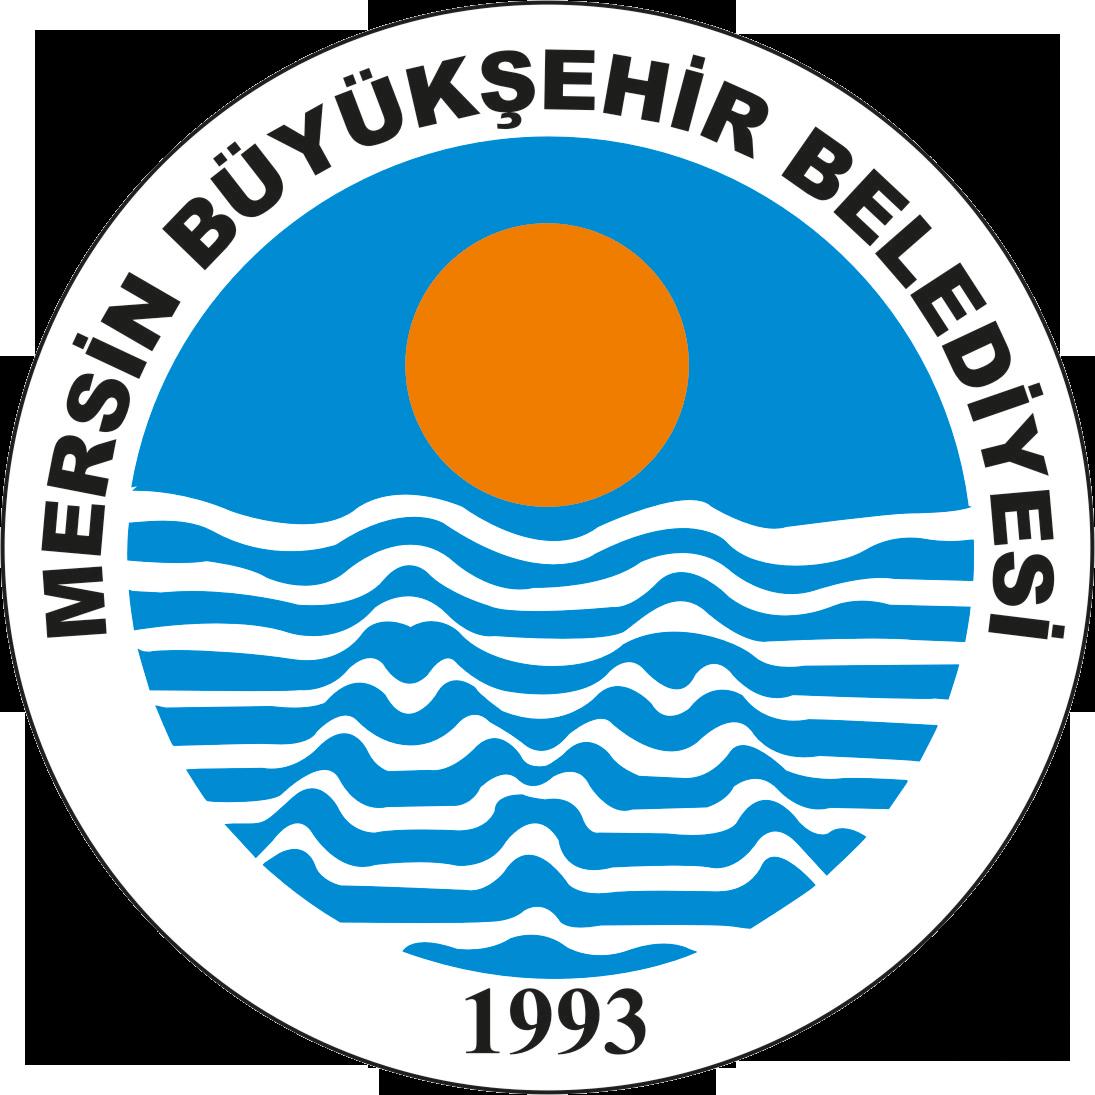 Mersin_Büyükşehir_Belediyesi_amblem